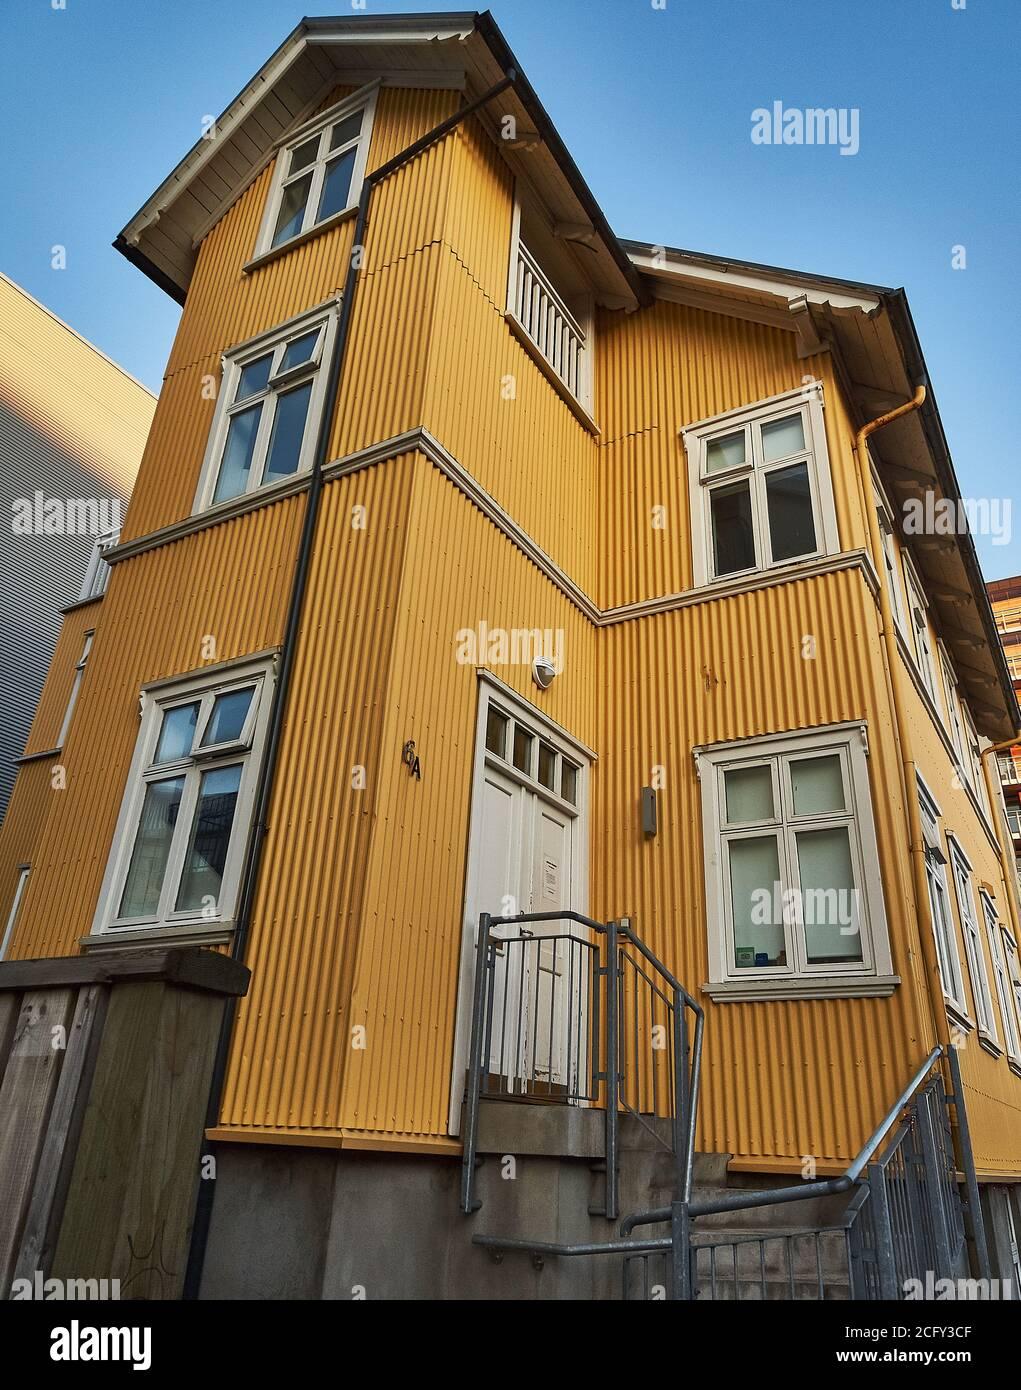 Case tipiche nel centro di Reykjavik, Islanda Foto Stock